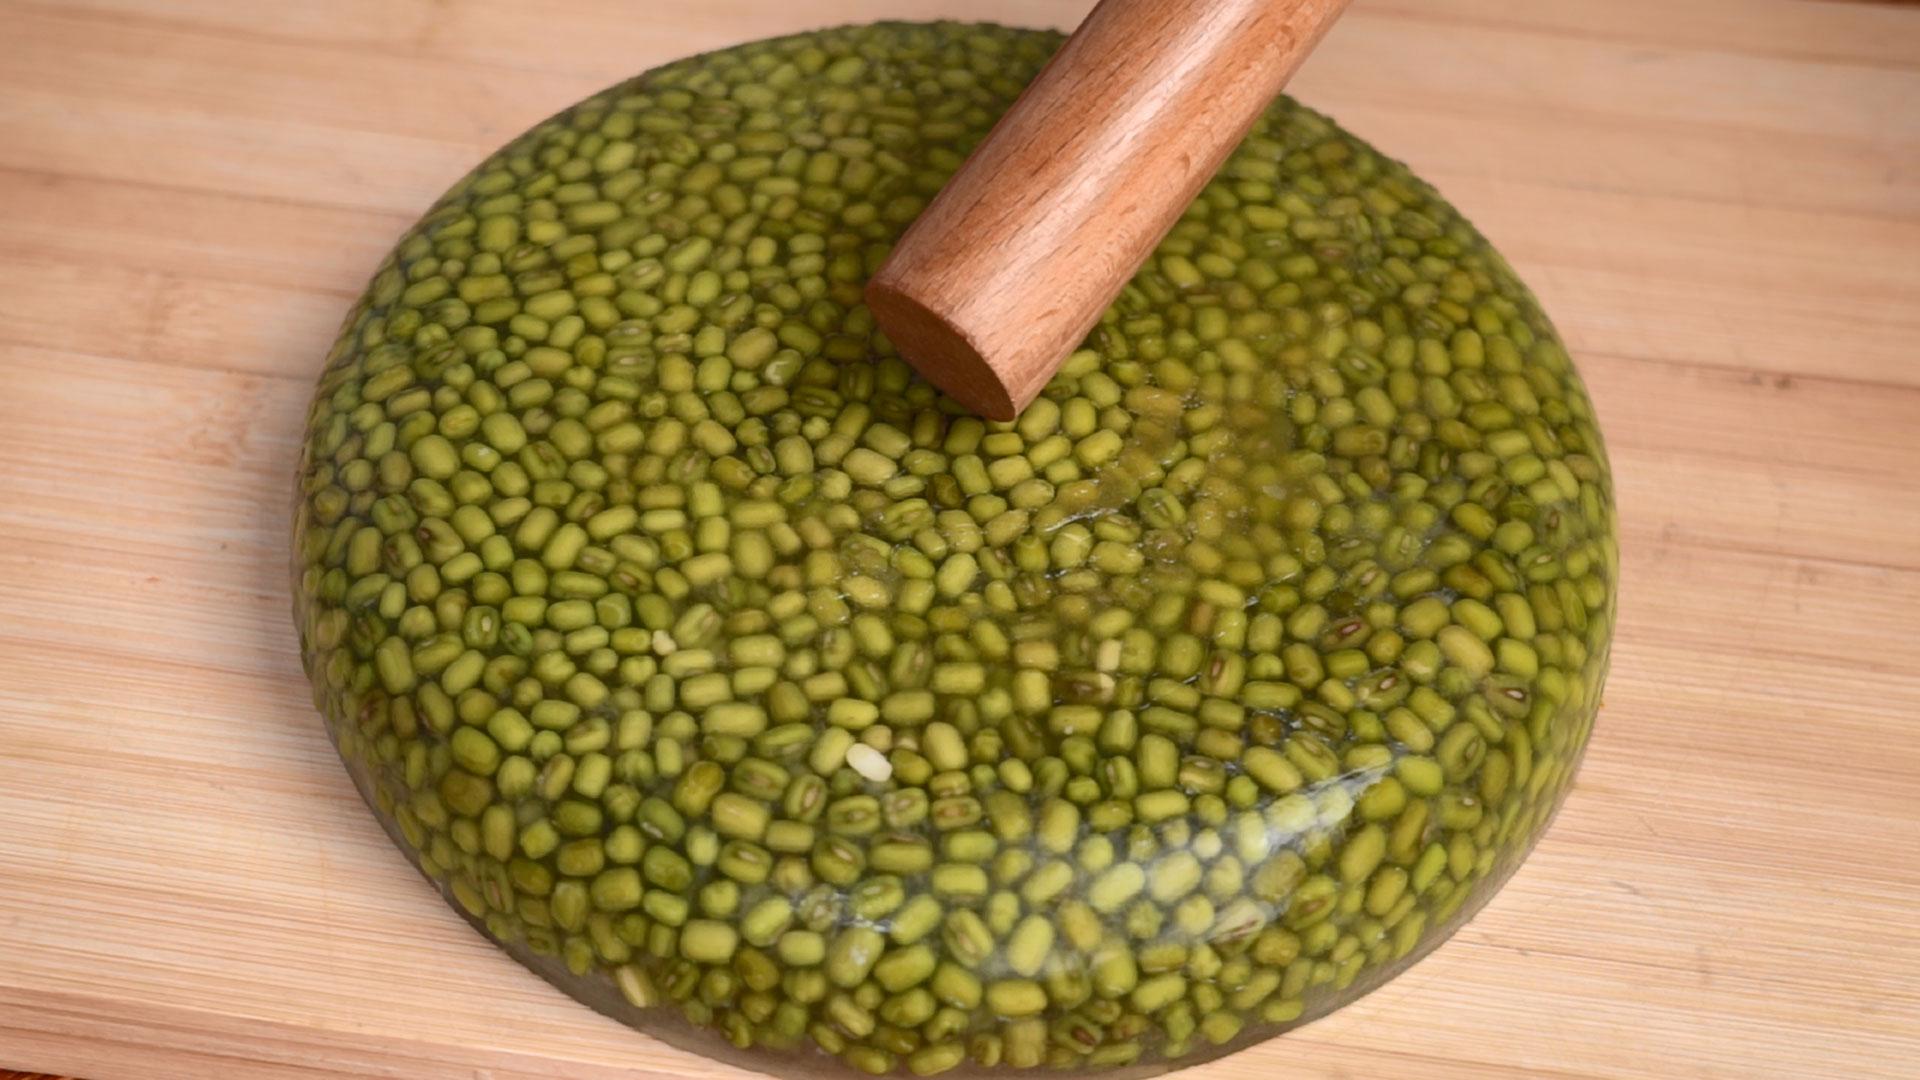 我家绿豆从不煮粥,冰箱里一扔,做一次吃2个月,比绿豆糕好吃